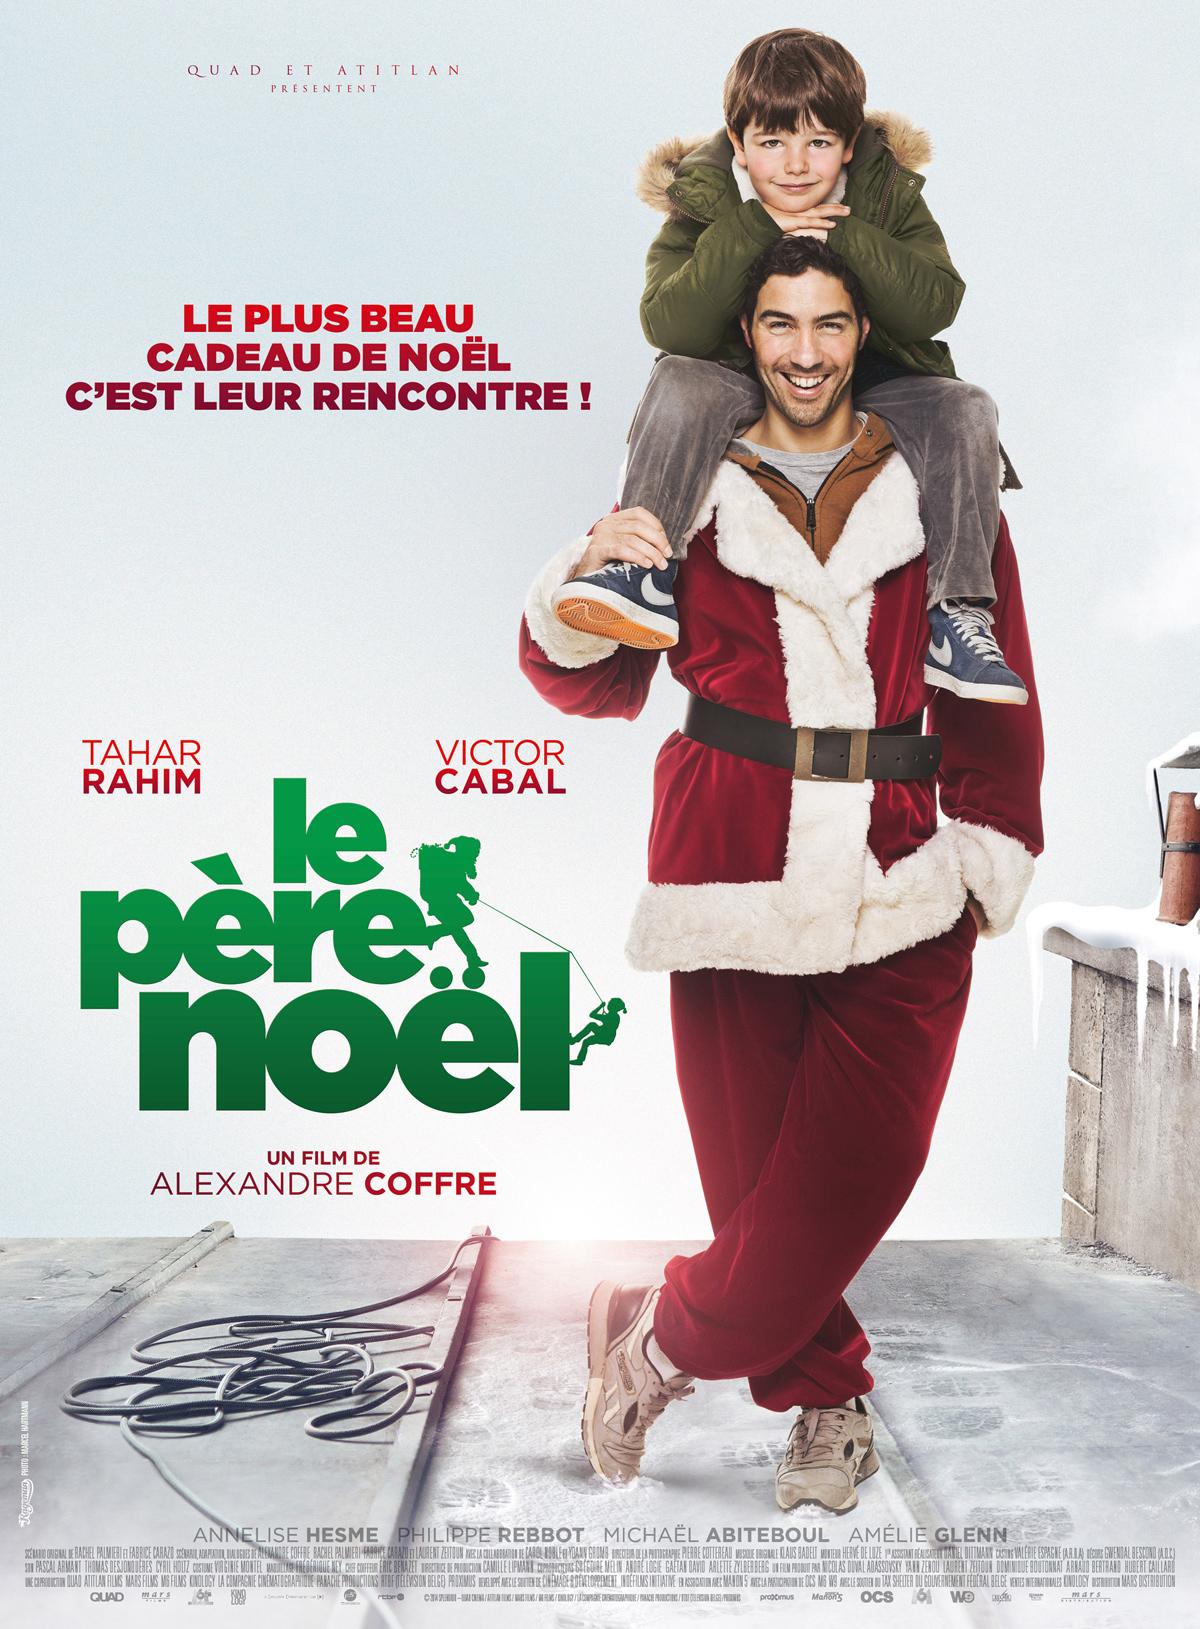 Télécharger Le Père Noël HD VF